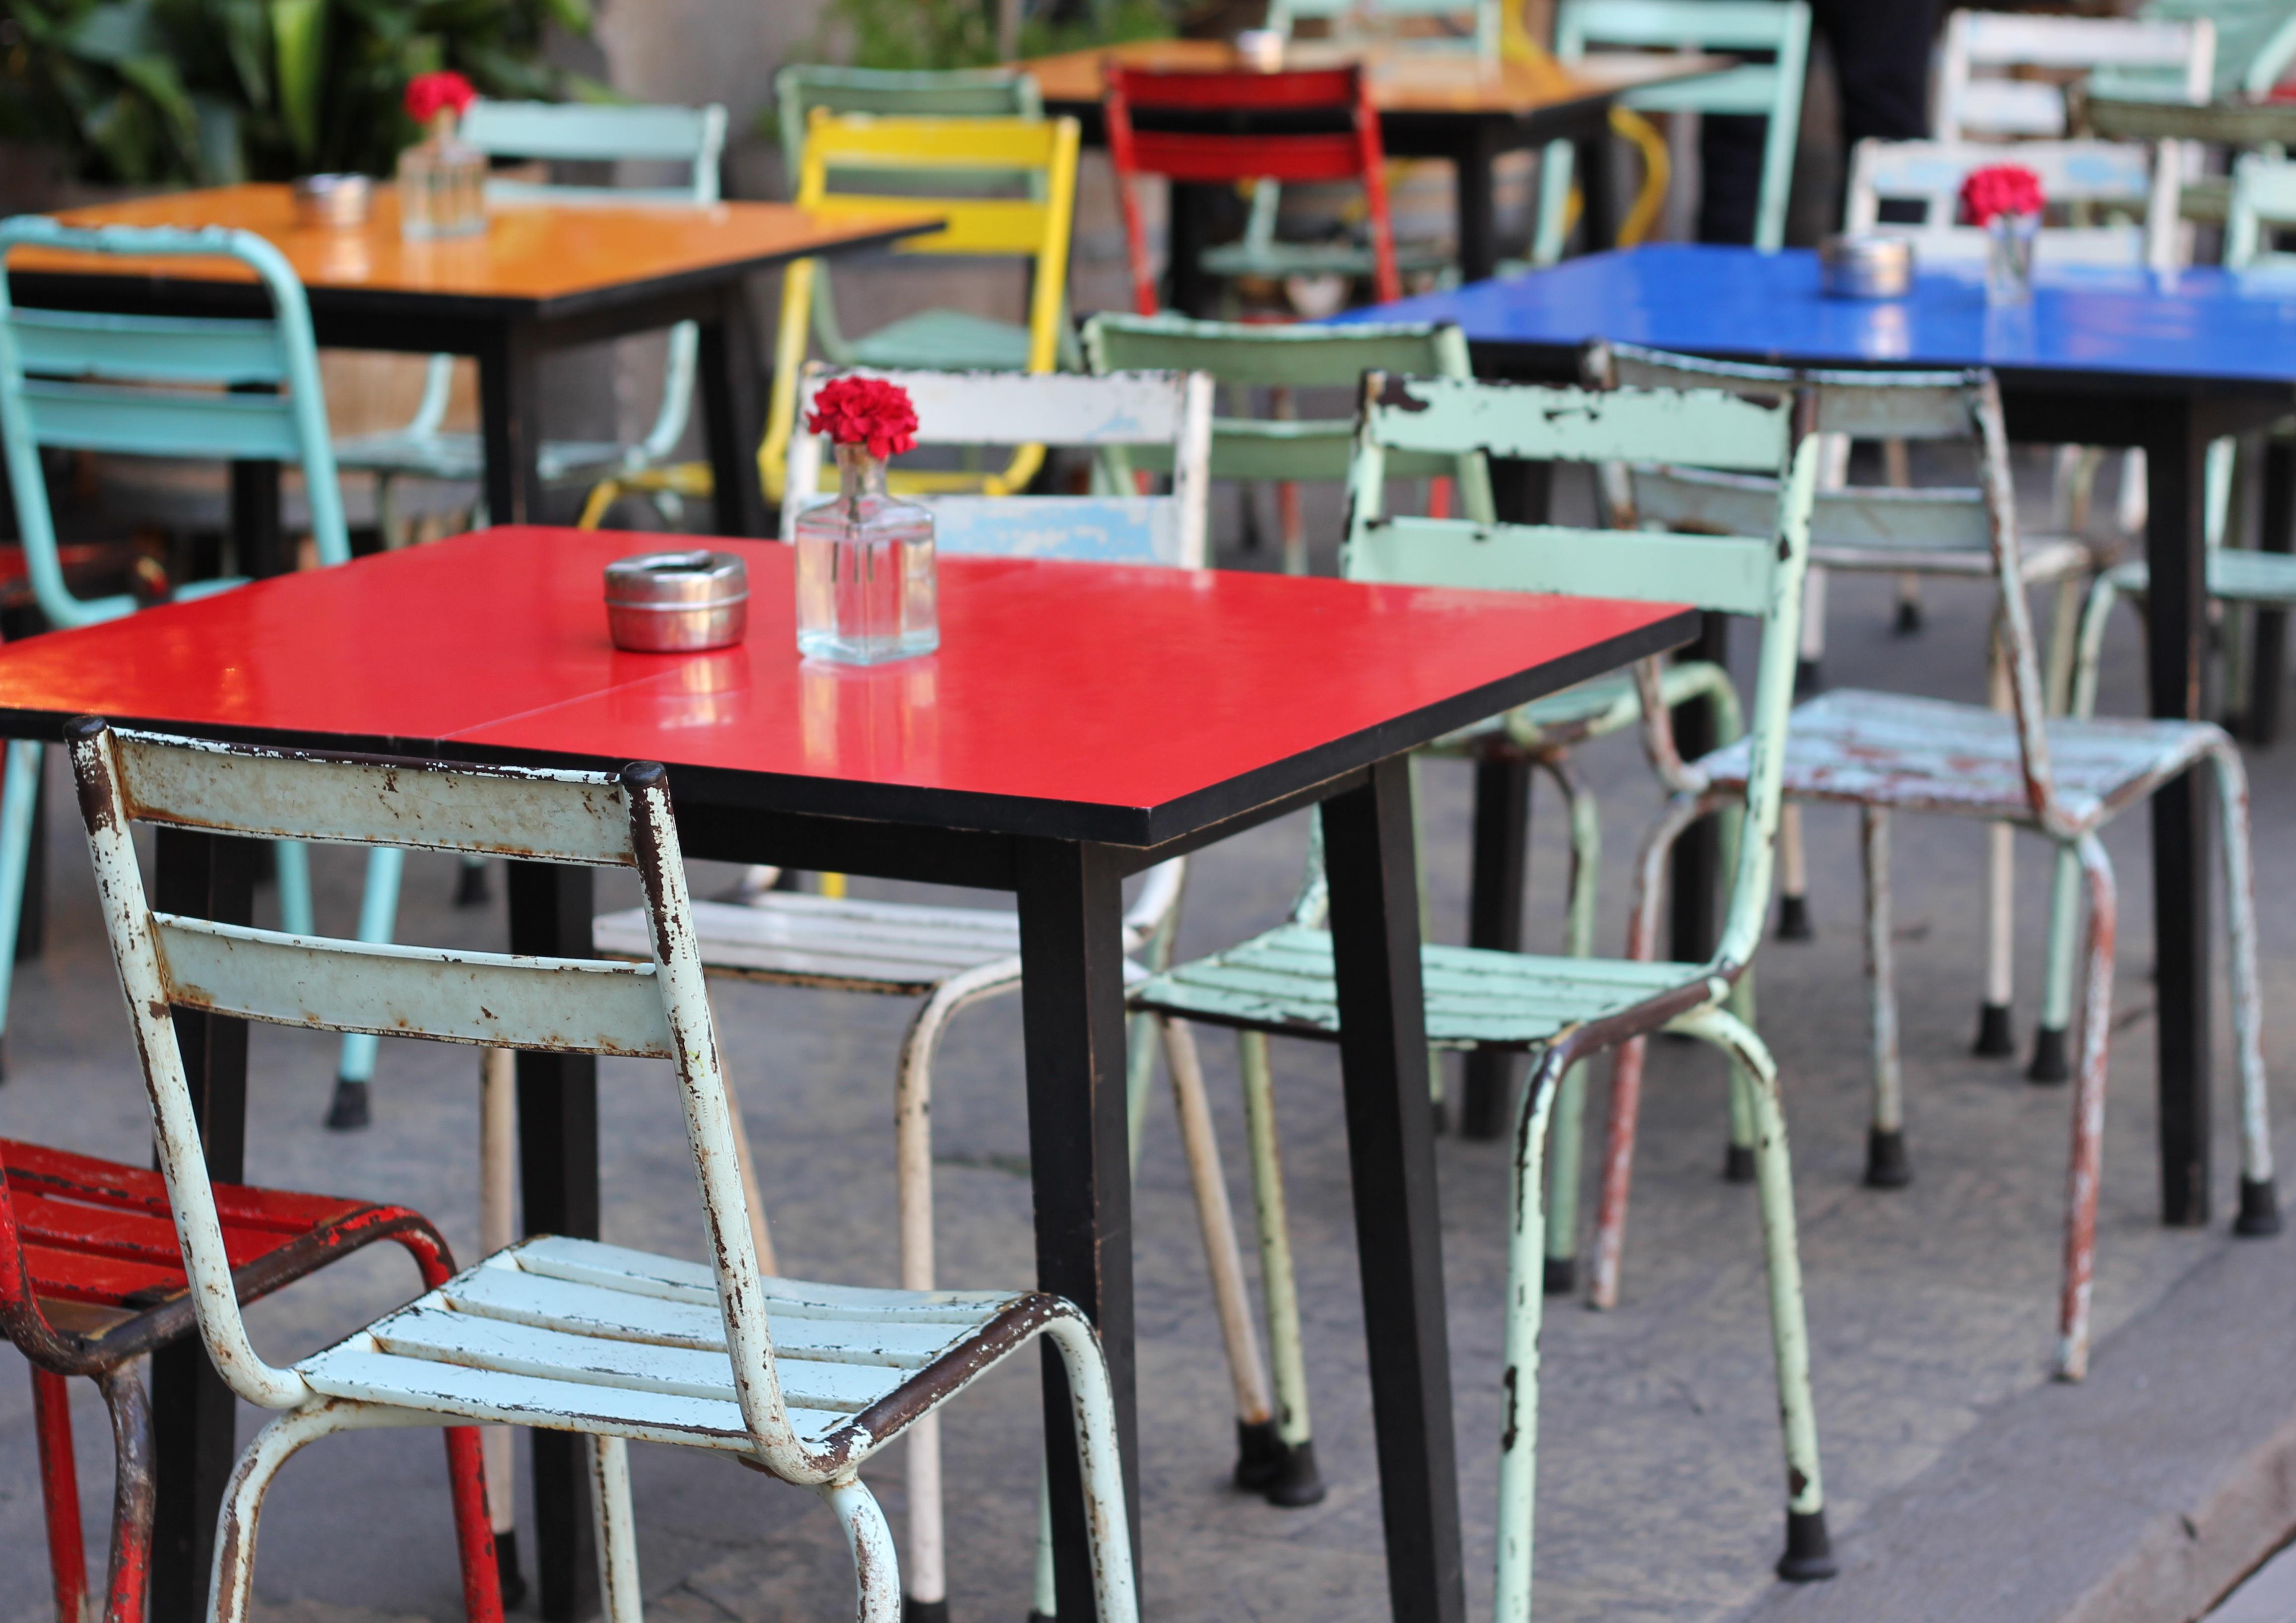 Tabelle Cafe Kaffee Weiß Restaurant Möbel Zimmer Dekor Modern Klassenzimmer  Farbe Stühle Speisen Esstisch